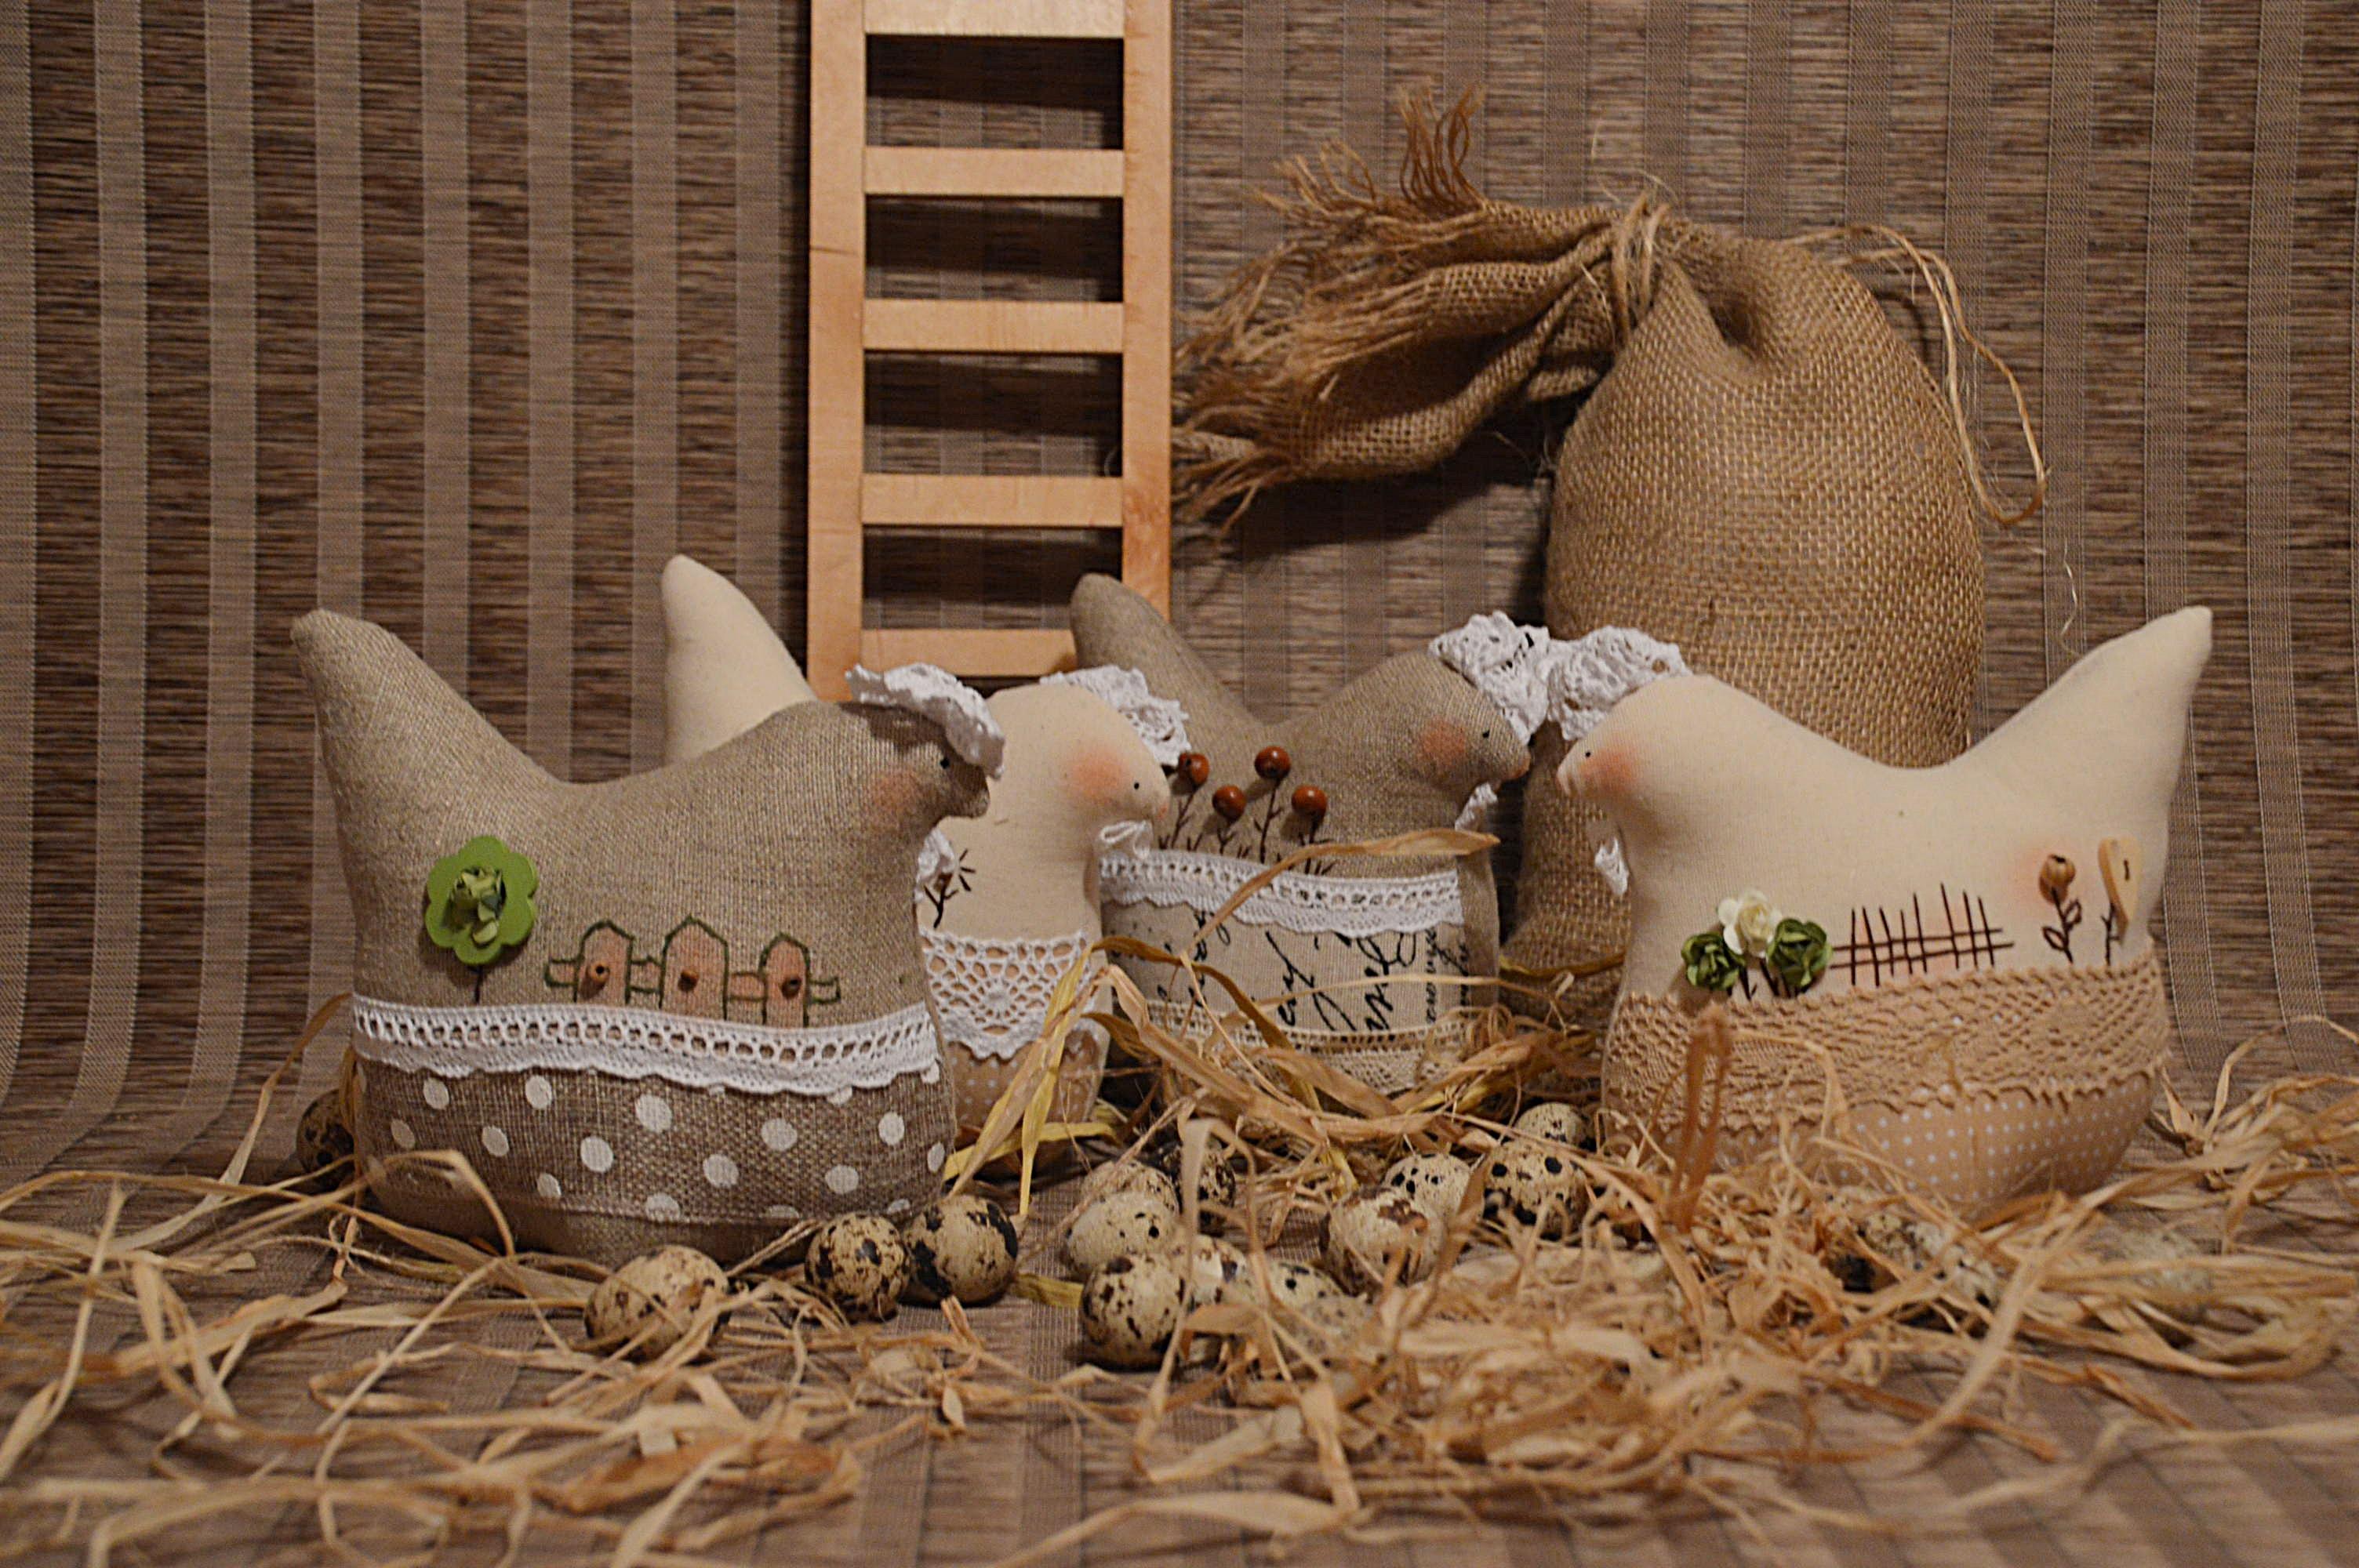 Szyte Ozdoby Wielkanocne Bominflot